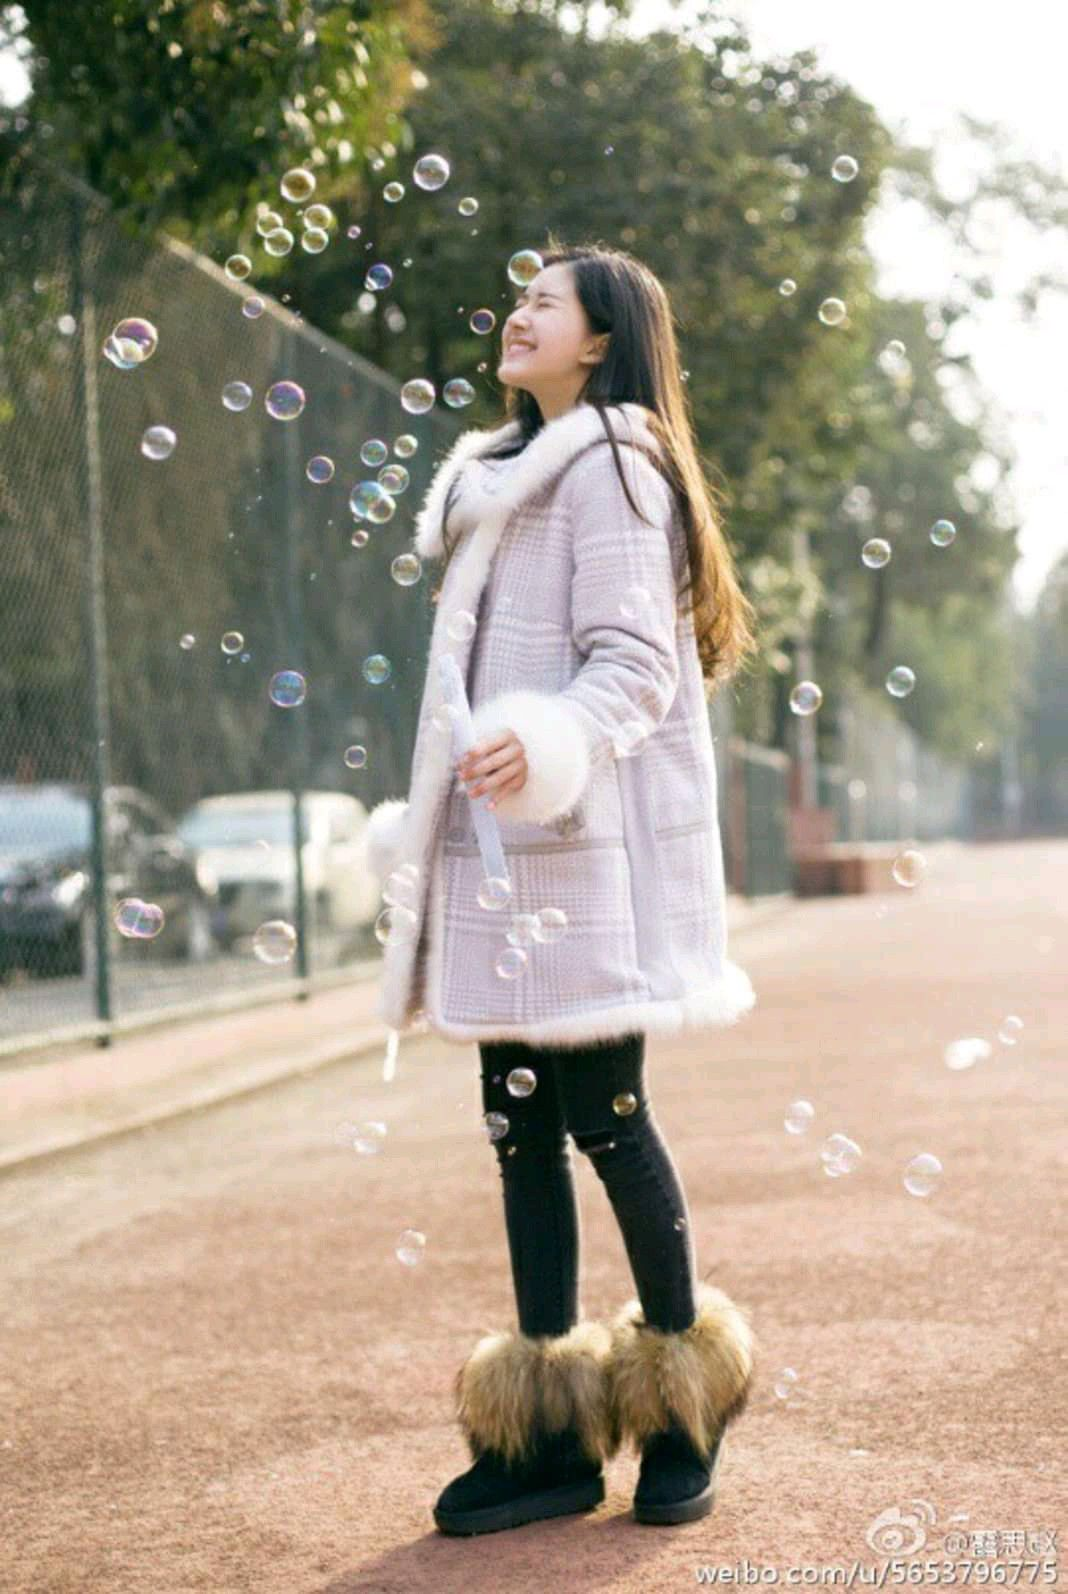 Chinesische frauen dating